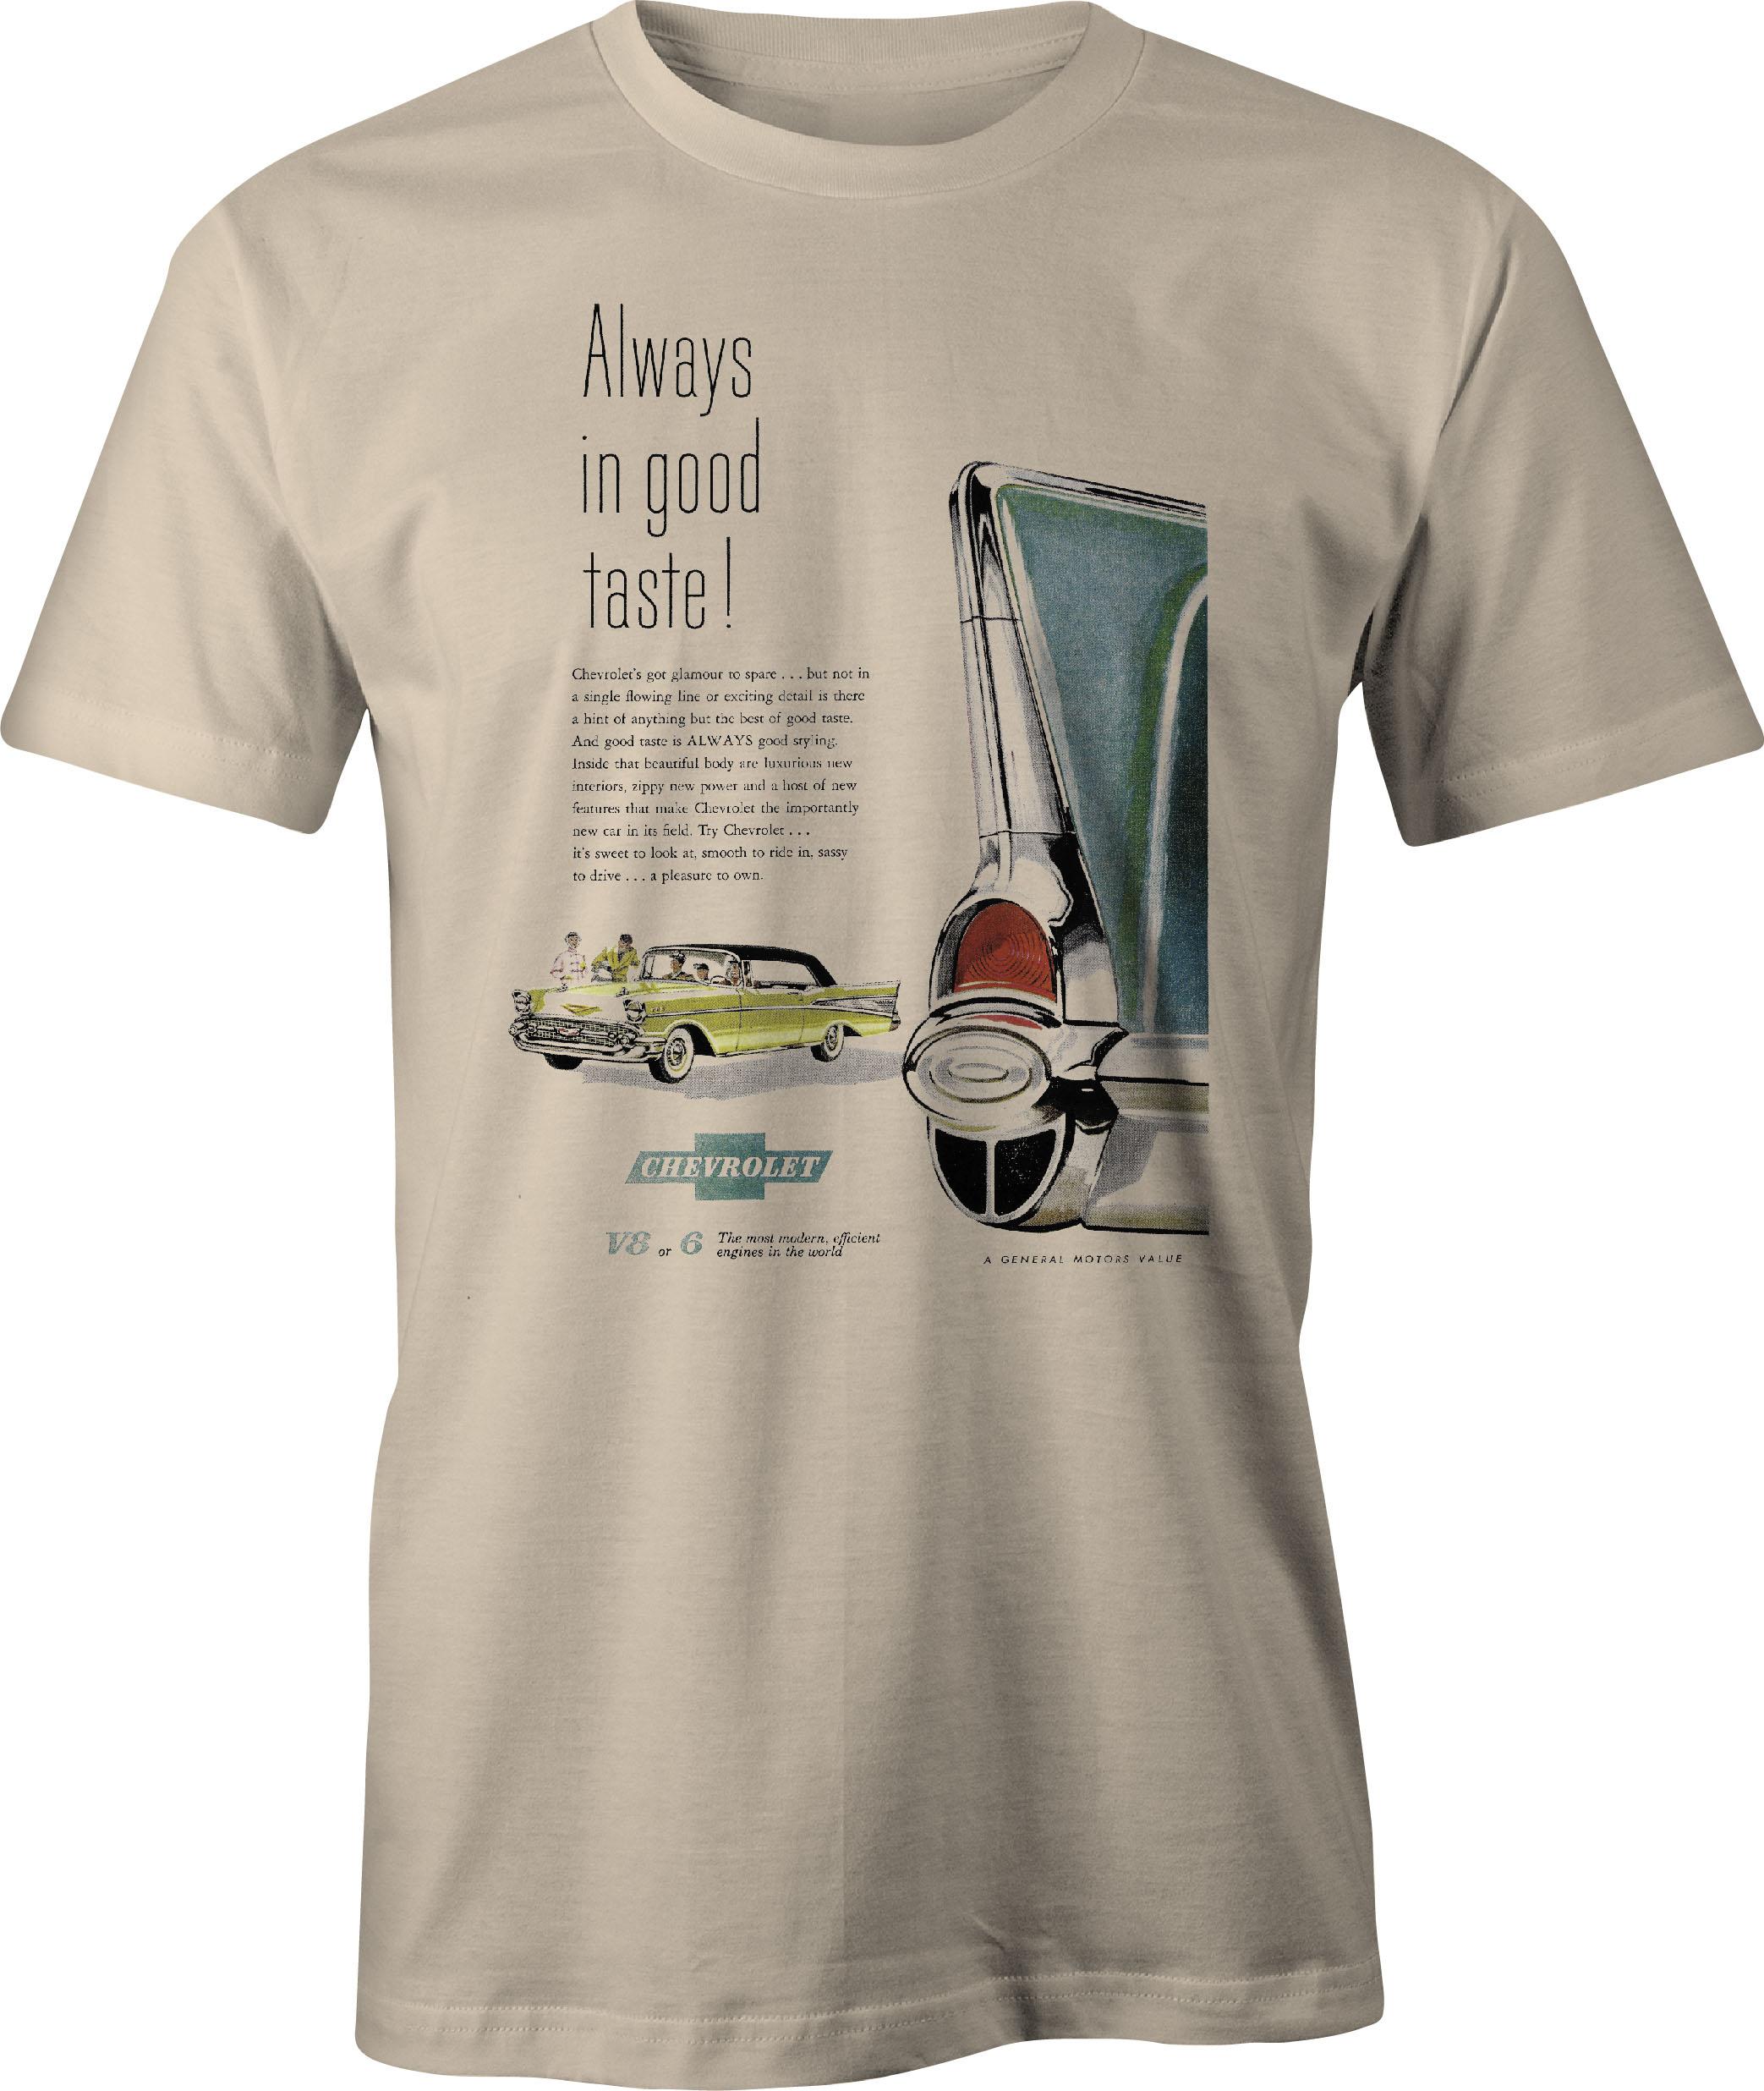 57 Chevy 'Always in Good Taste' retro ad t shirt in sand